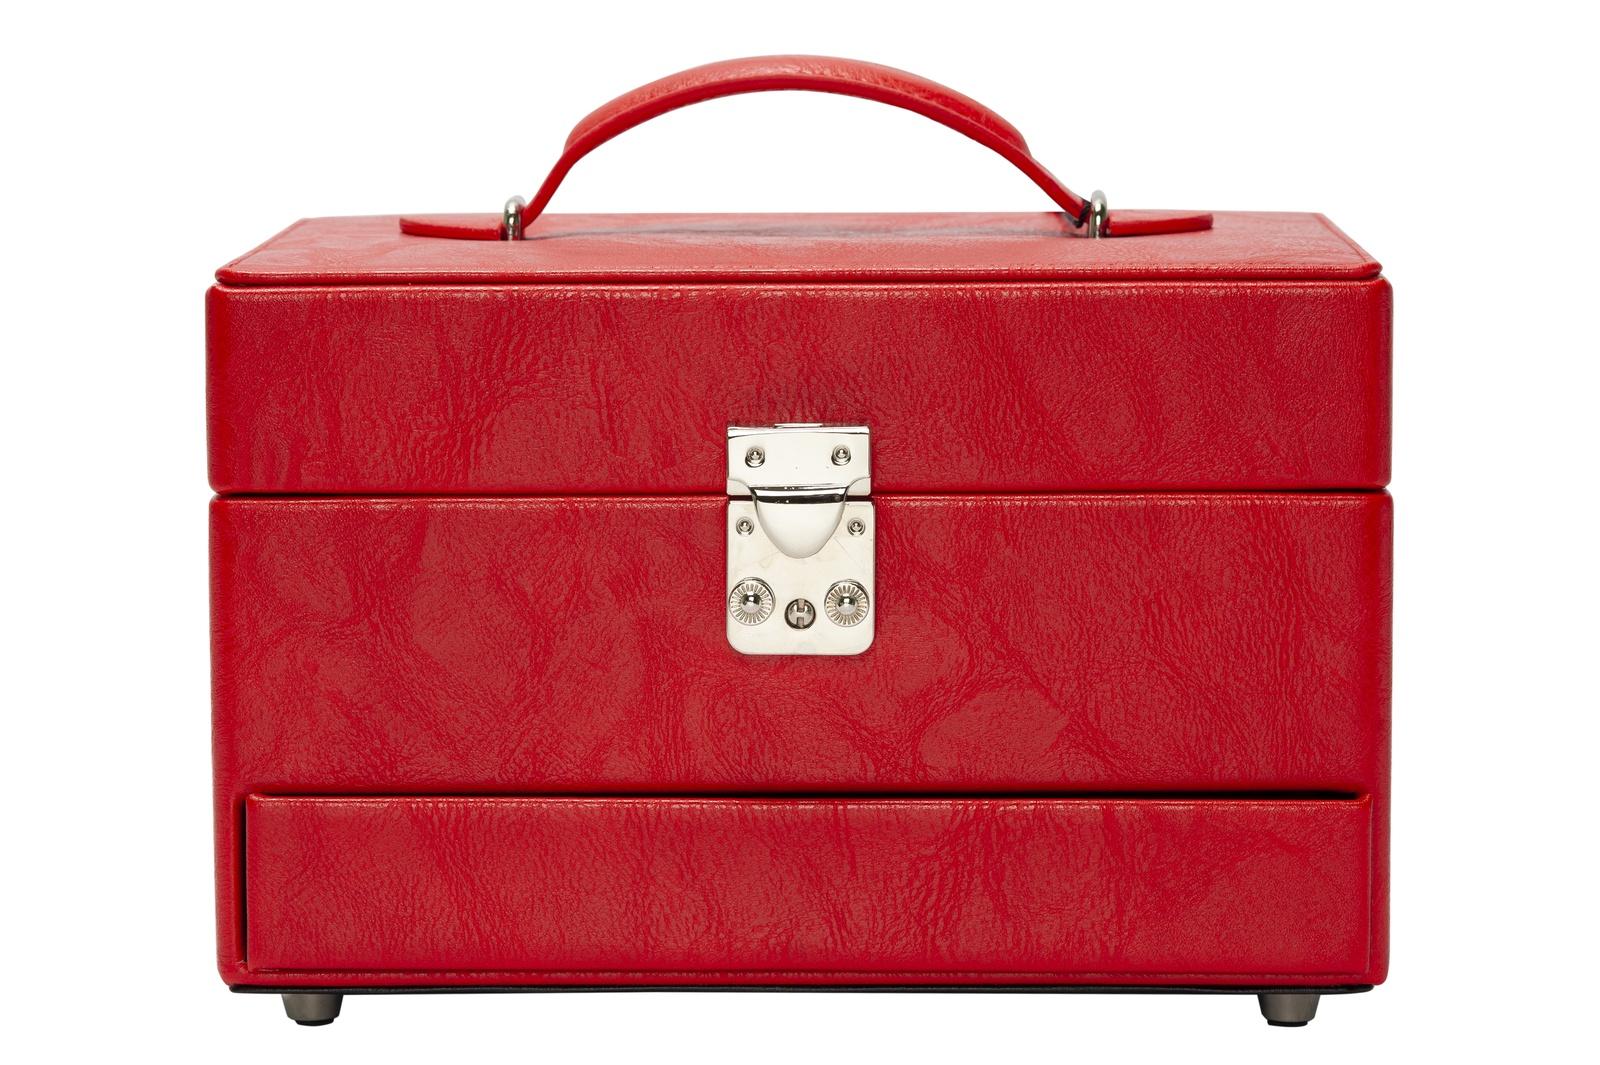 Шкатулка из искусственной кожи, S-999-3 красный шкатулки ismatdecor шкатулка